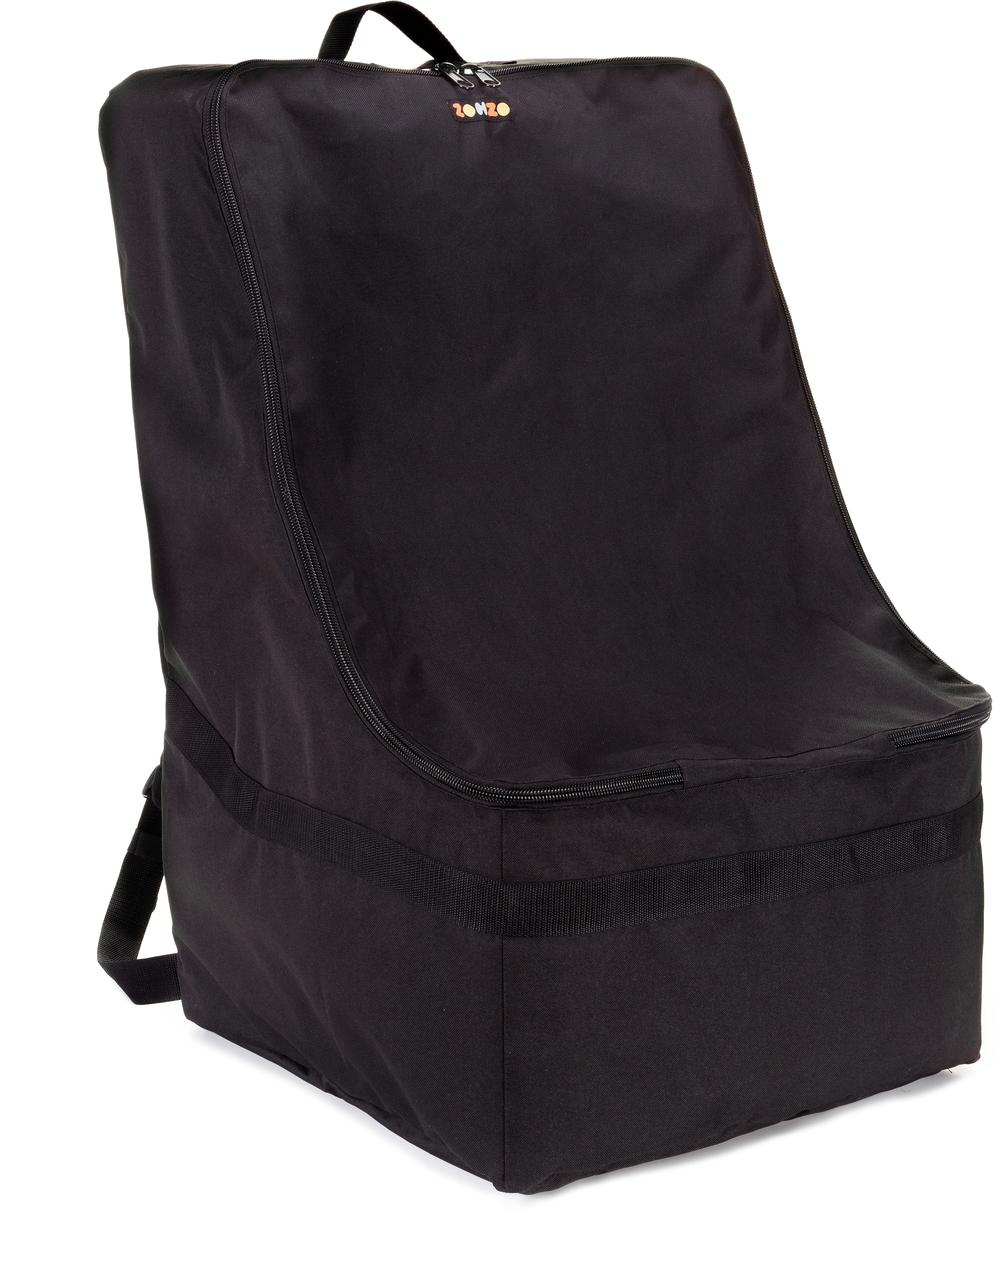 Zohzo Car Seat Backpack